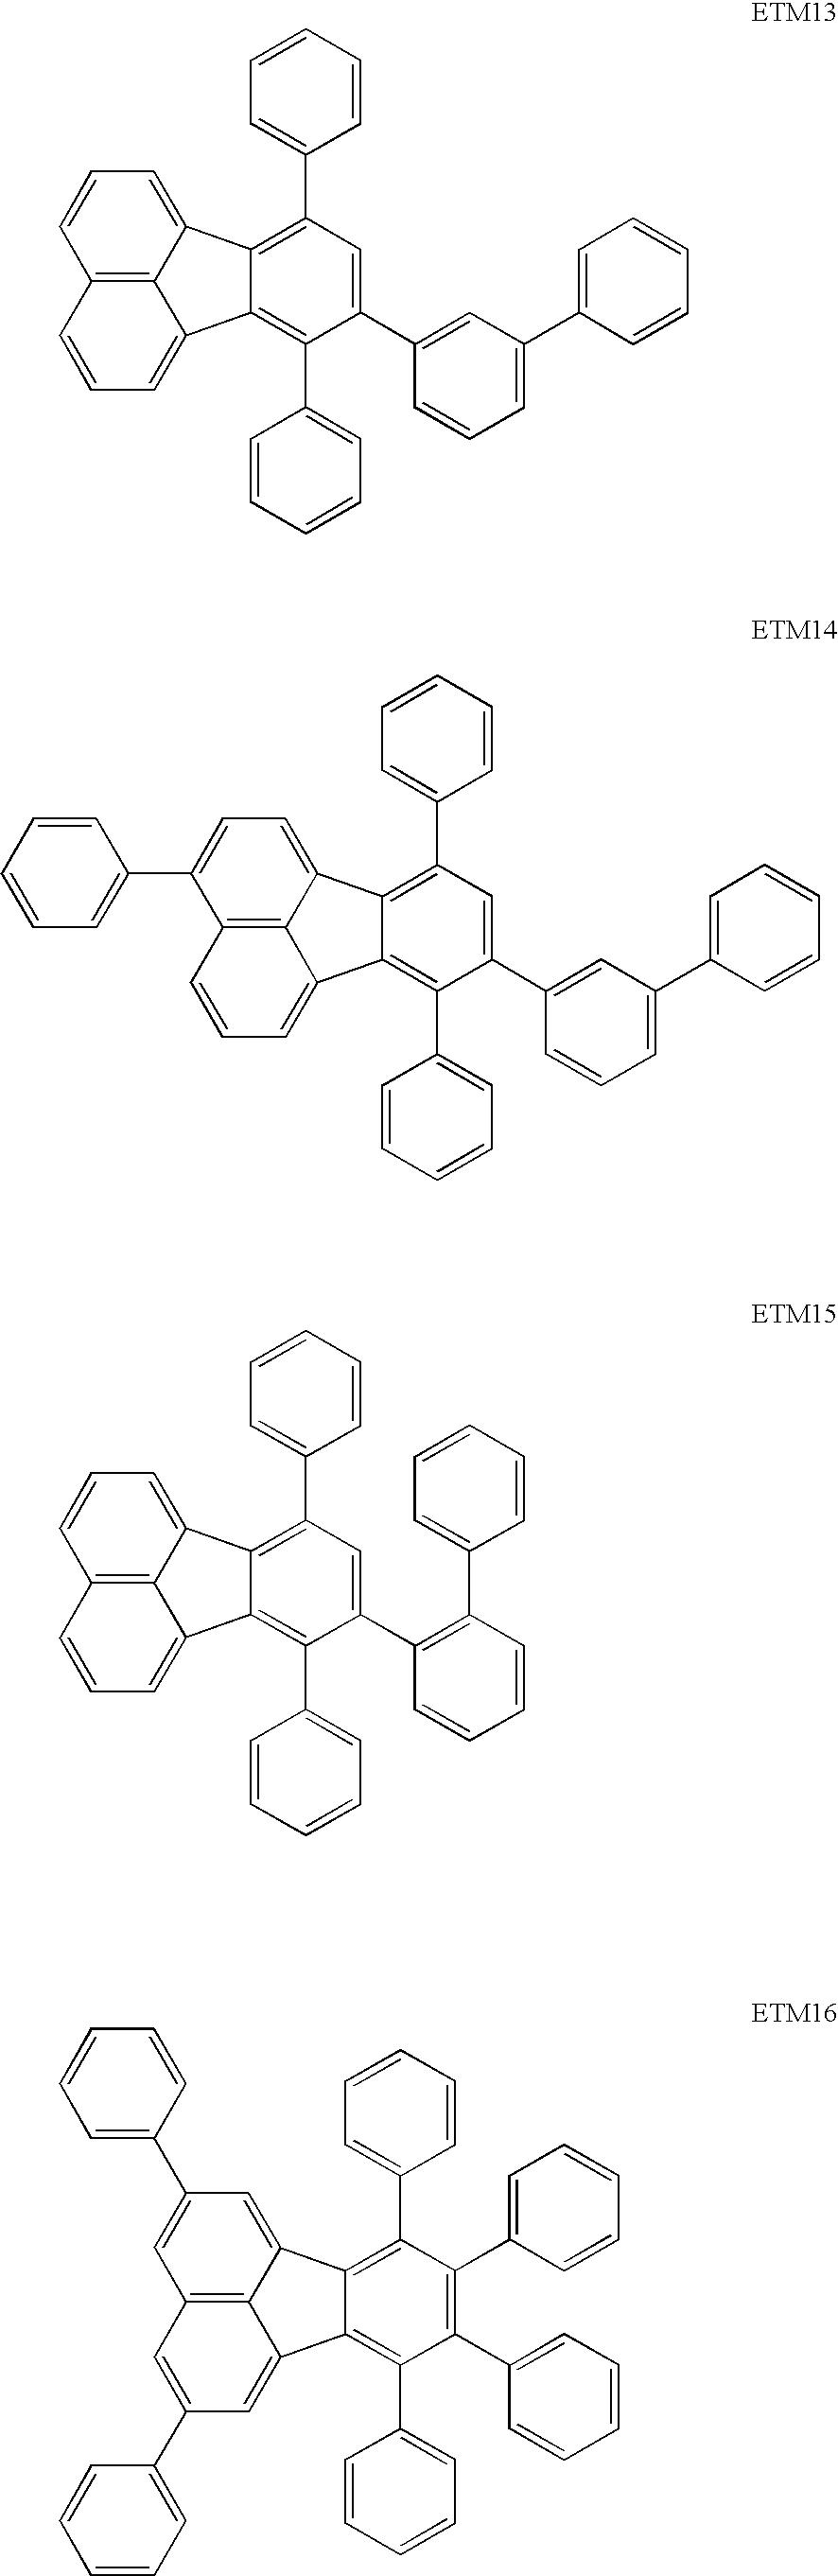 Figure US20090110957A1-20090430-C00009